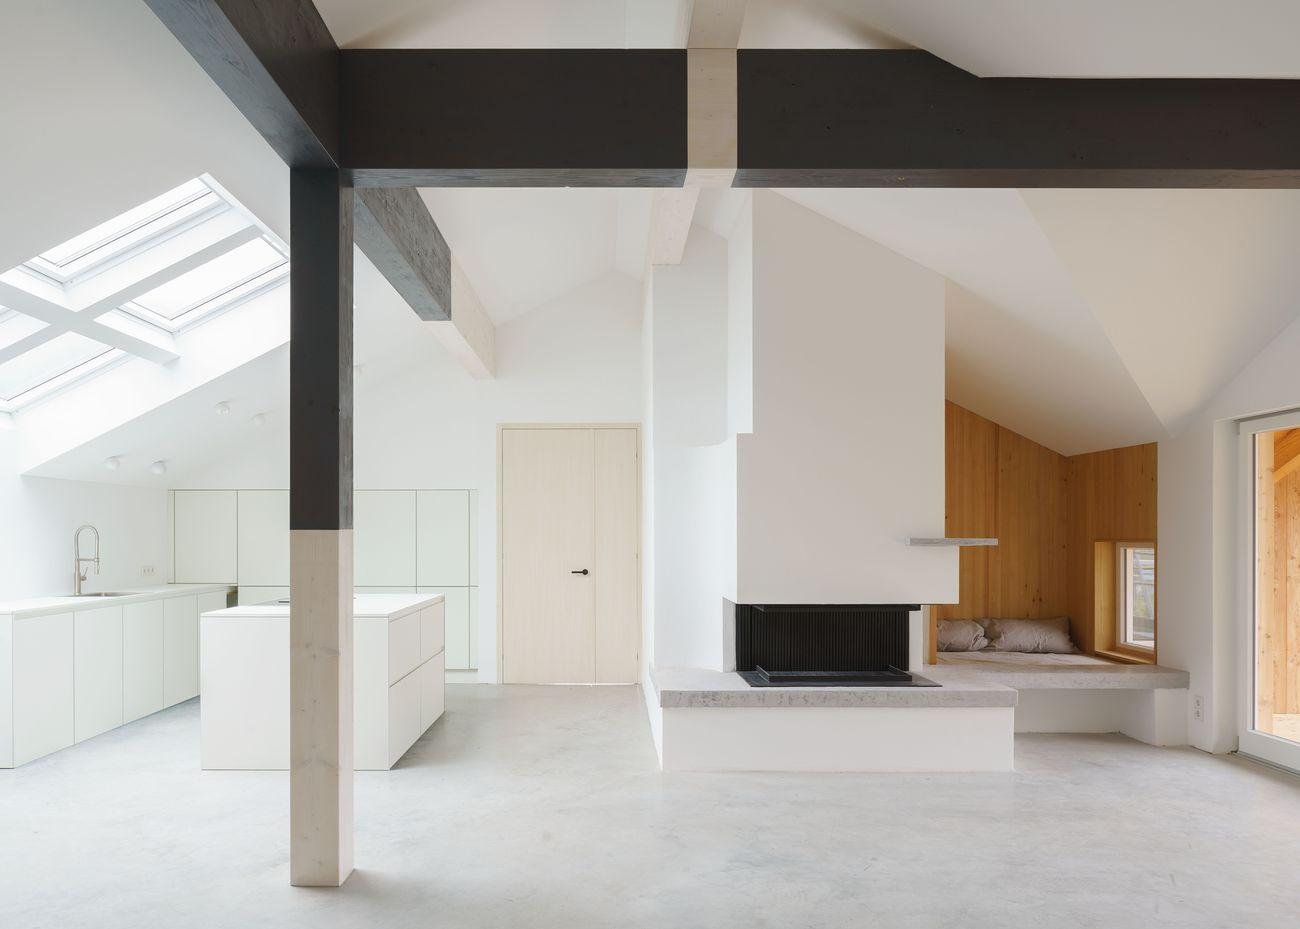 Umbau eines Mehrfamilienhauses, Neuhaus am Schliersee, Deutschland